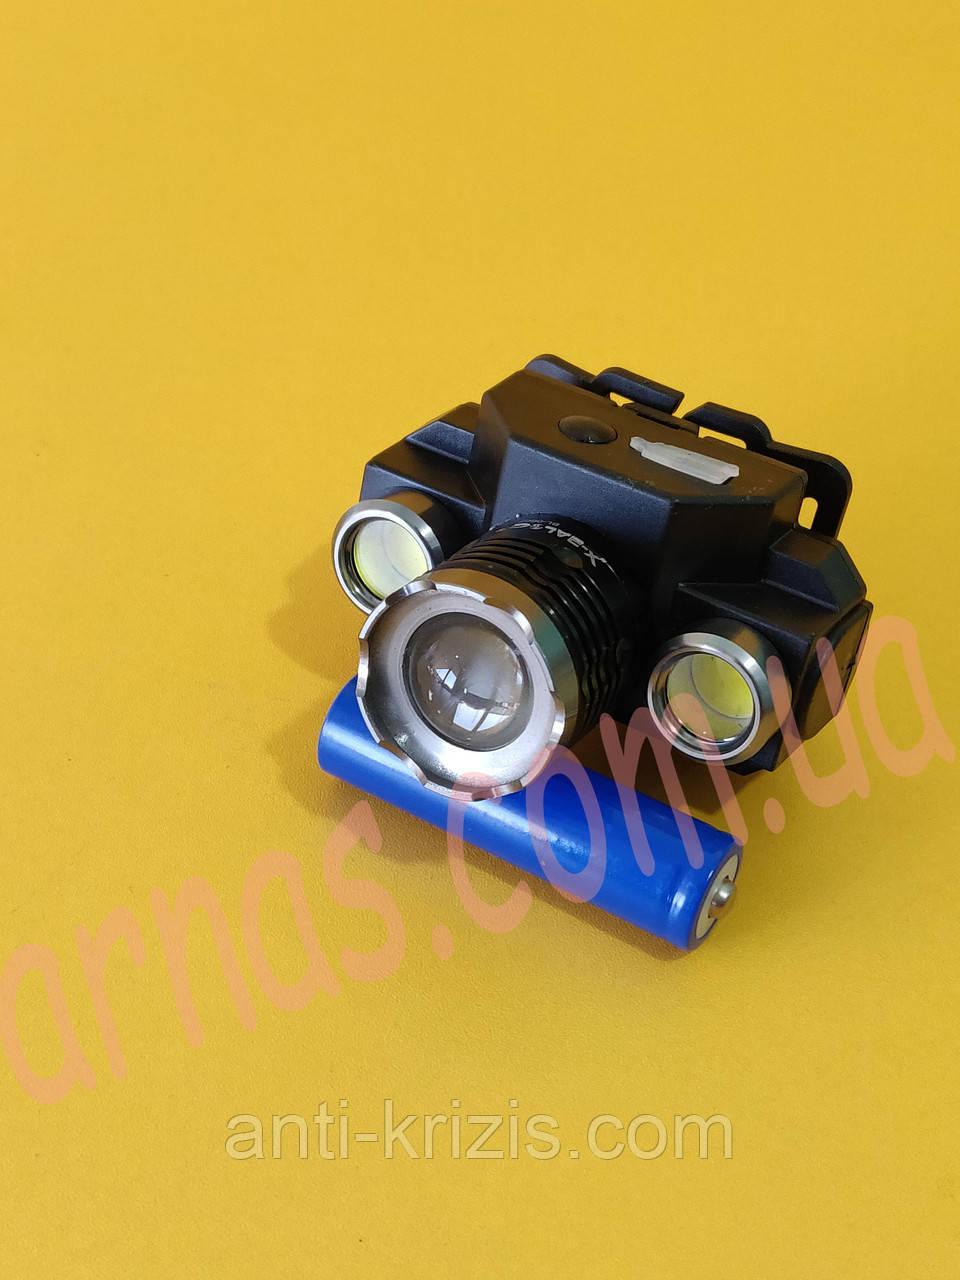 Аккумуляторный налобный фонарь BL-607